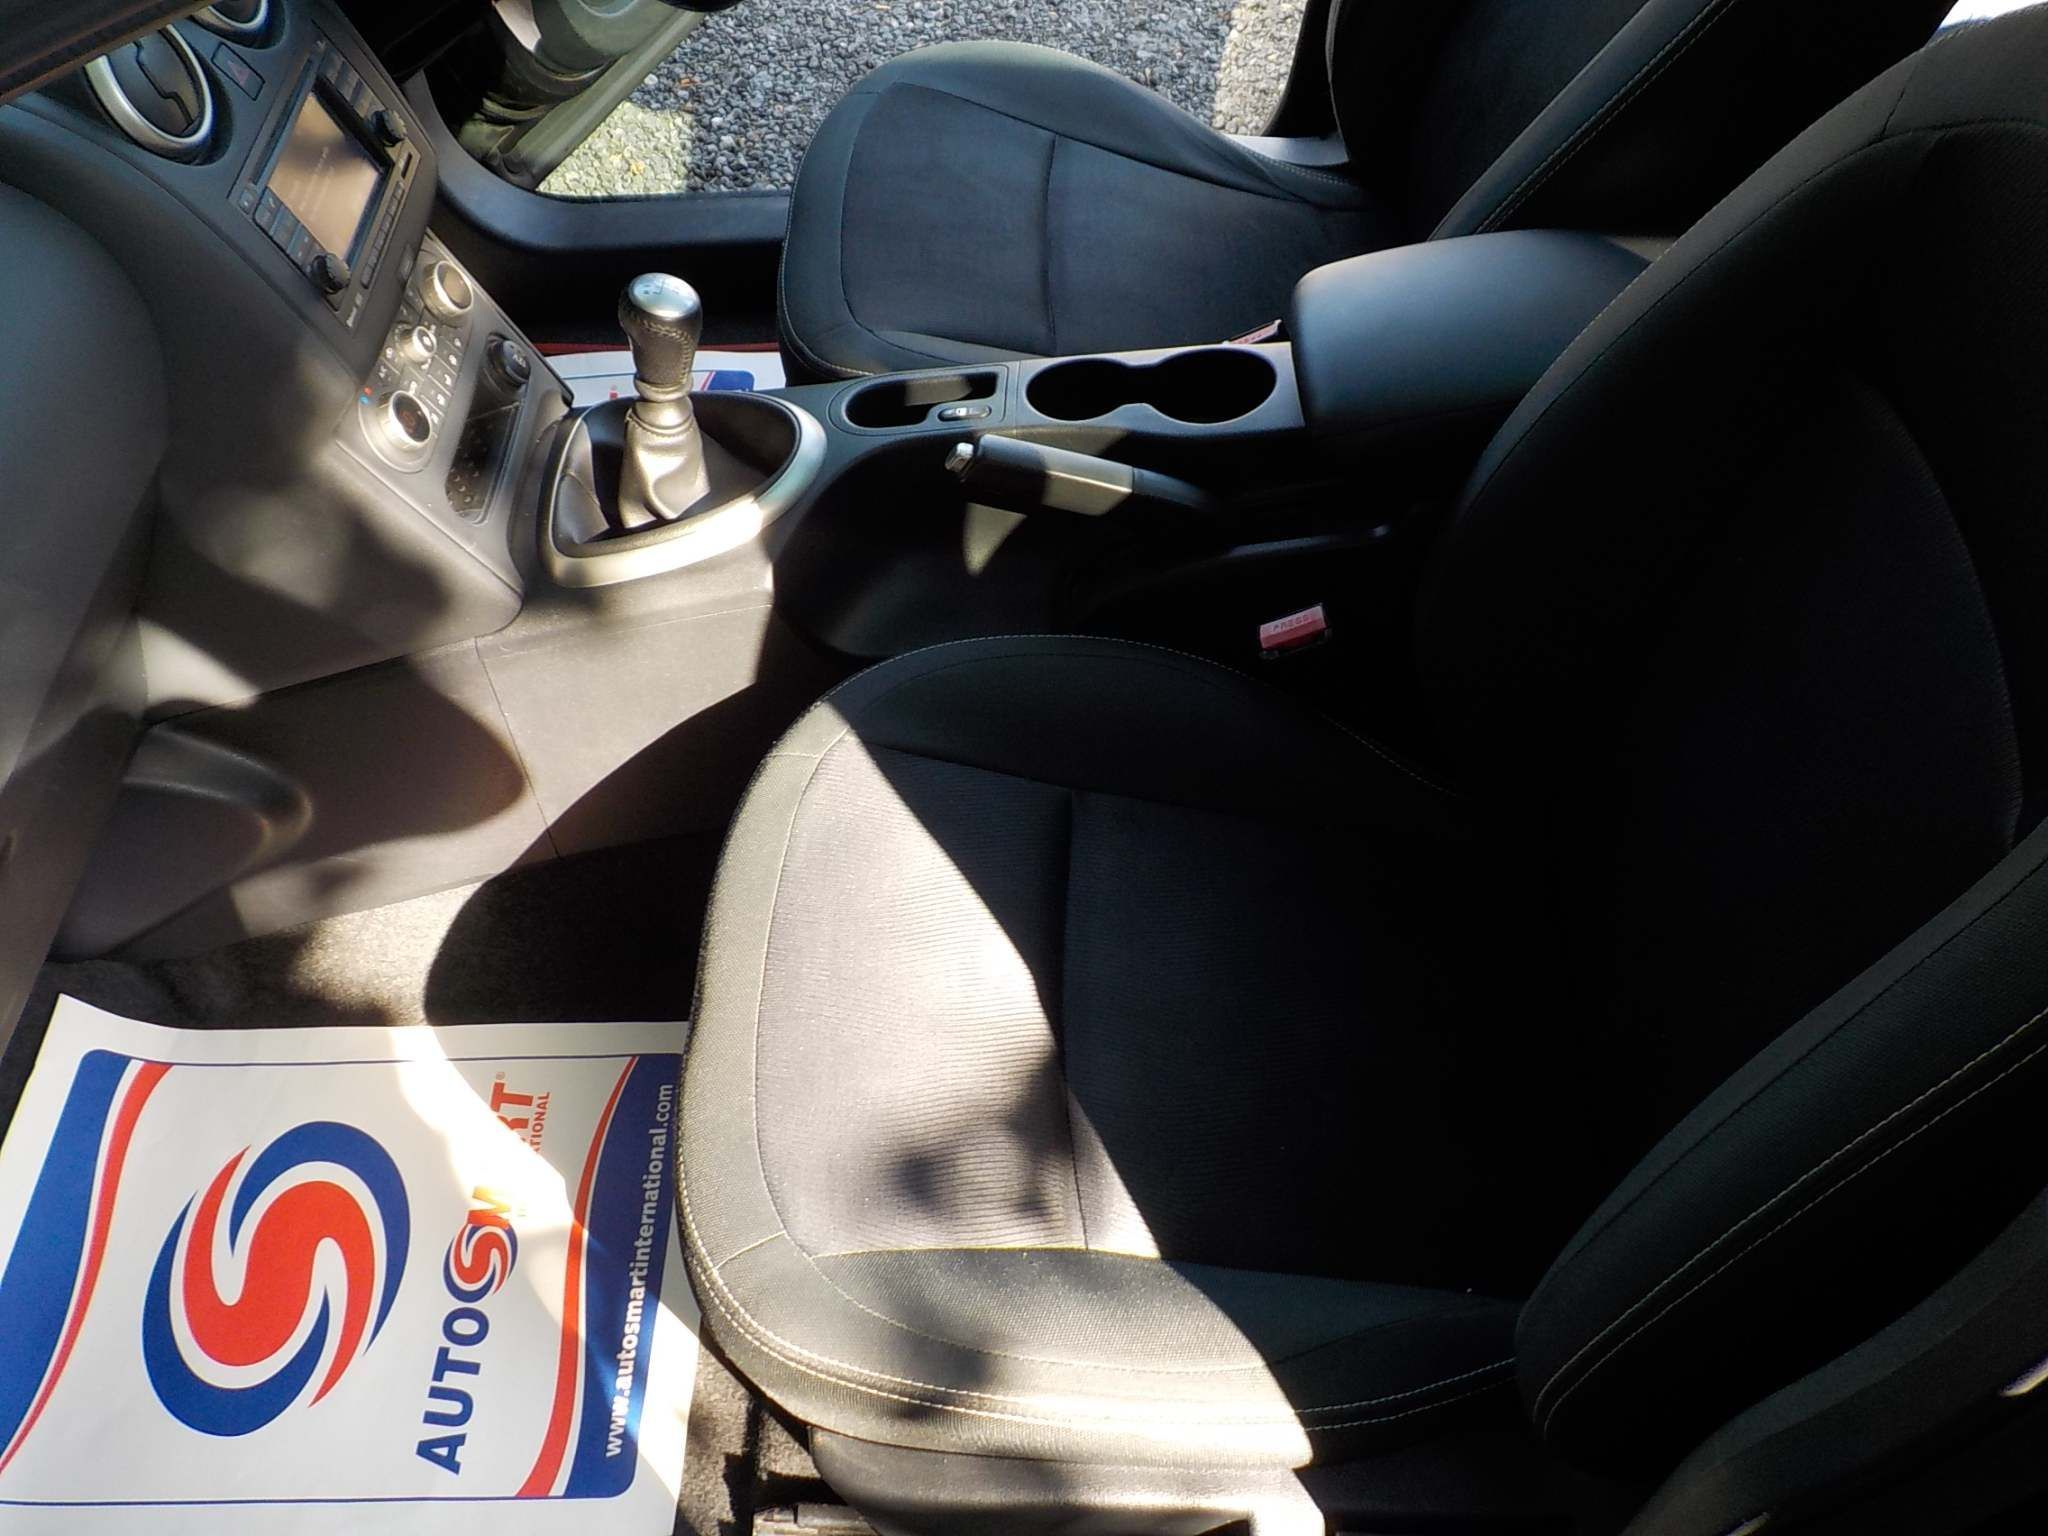 Nissan Qashqai 1.5 dCi n-tec+ 2WD 5dr